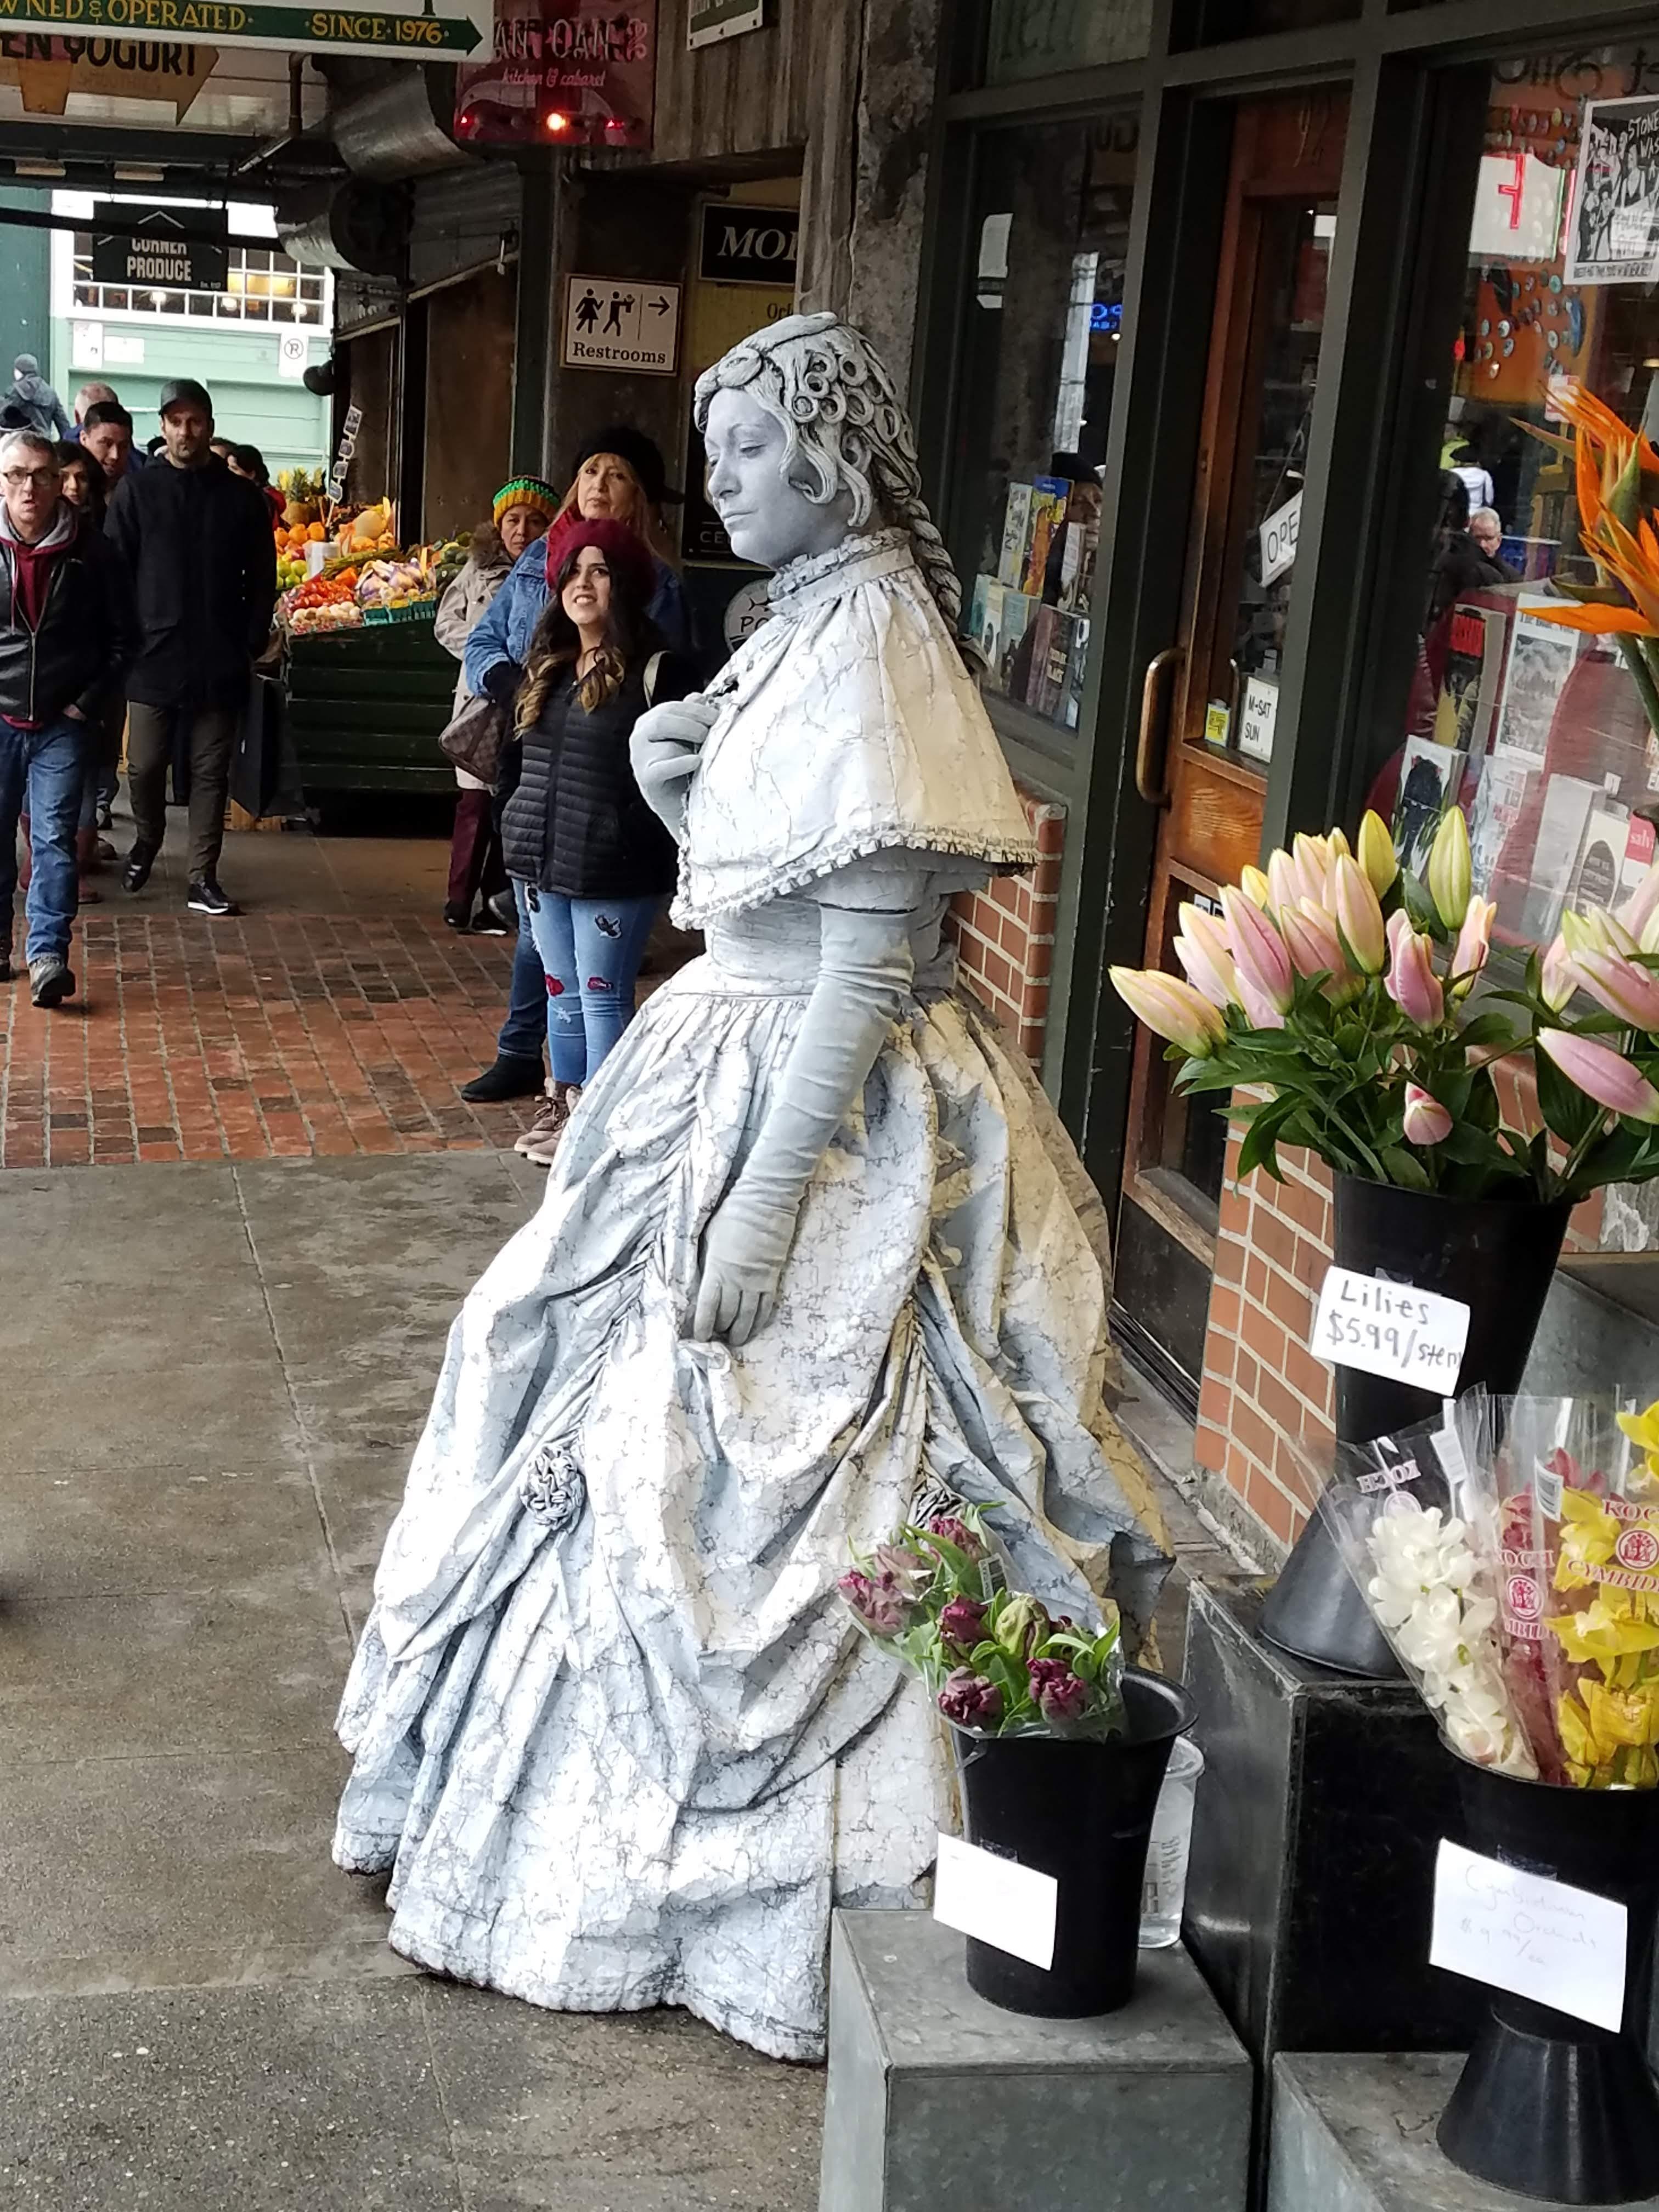 lady in street.jpg